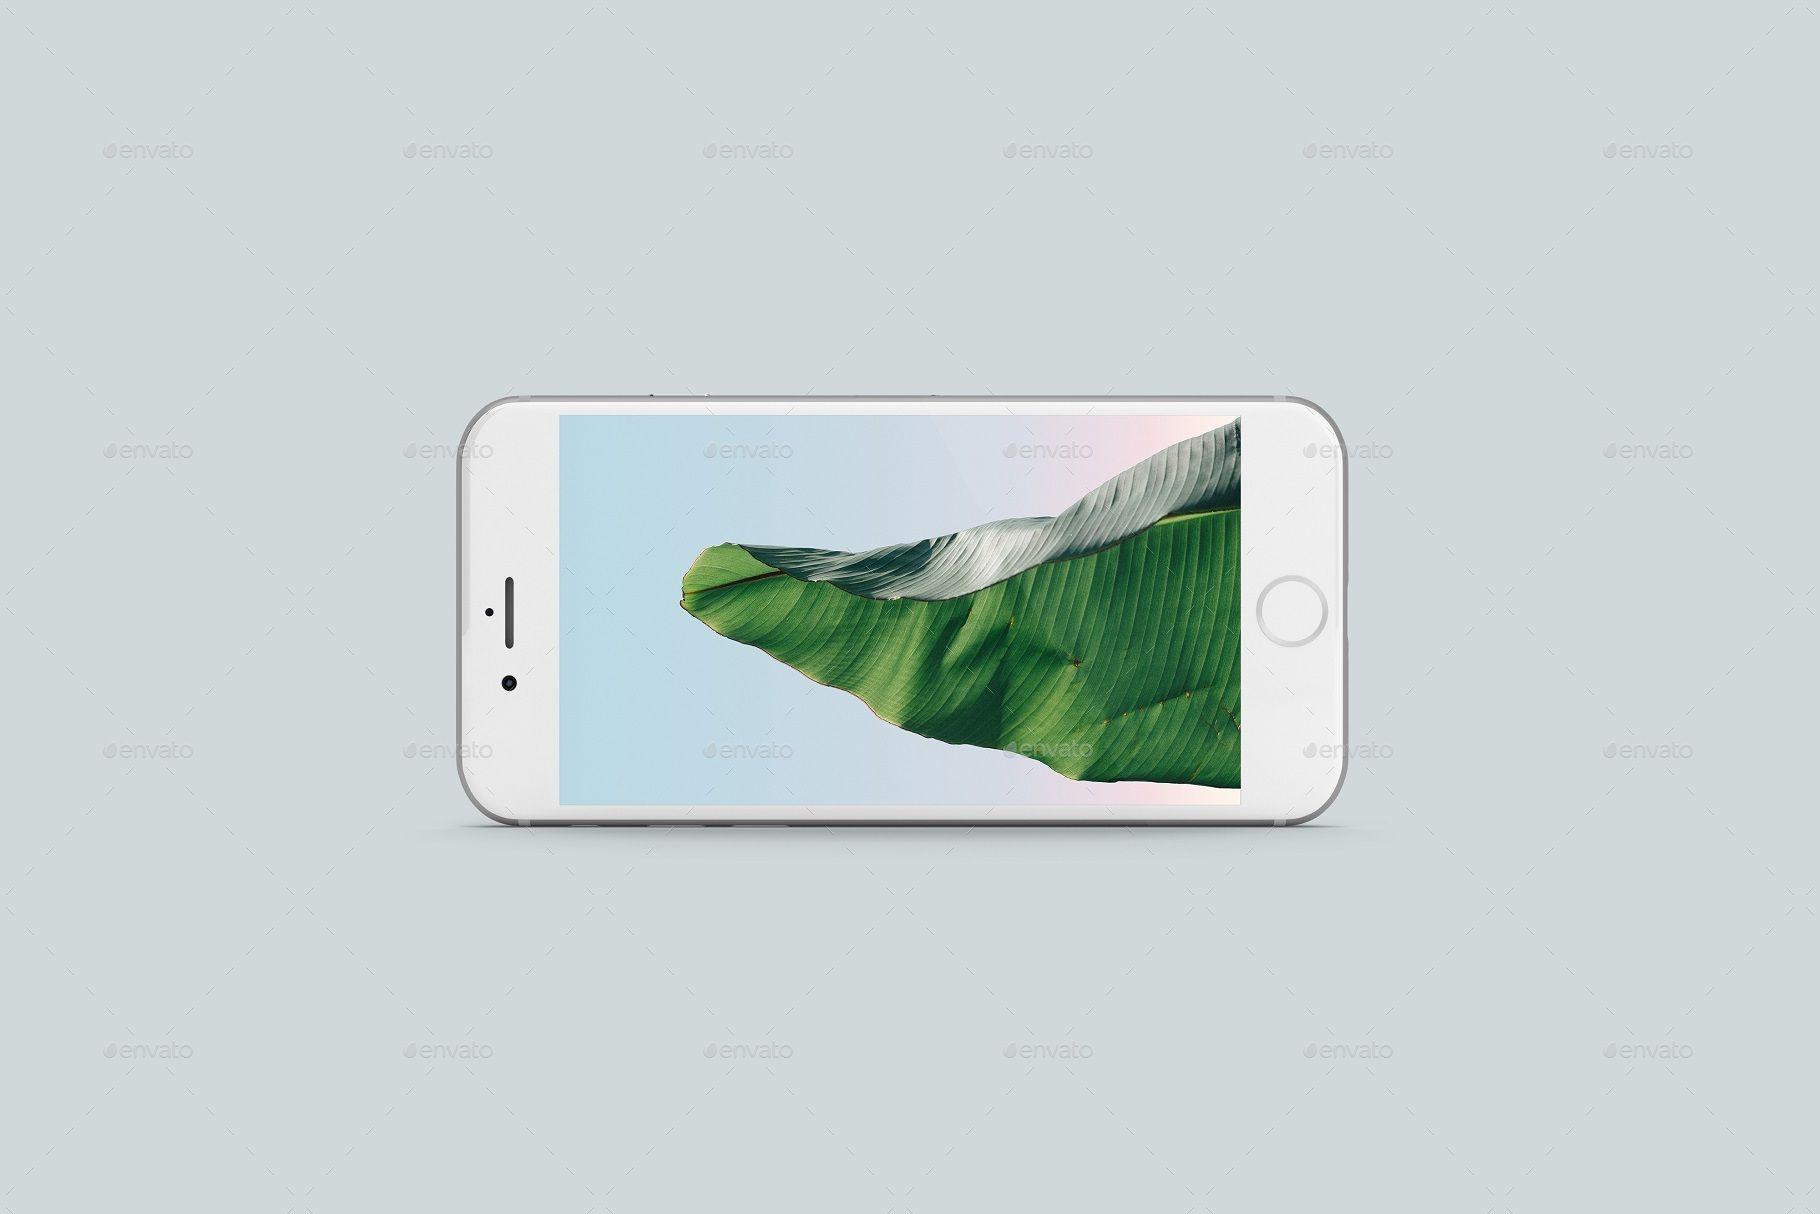 Download Landscape Multi Devices Mockup Presentation Template Free Mockup Web Design